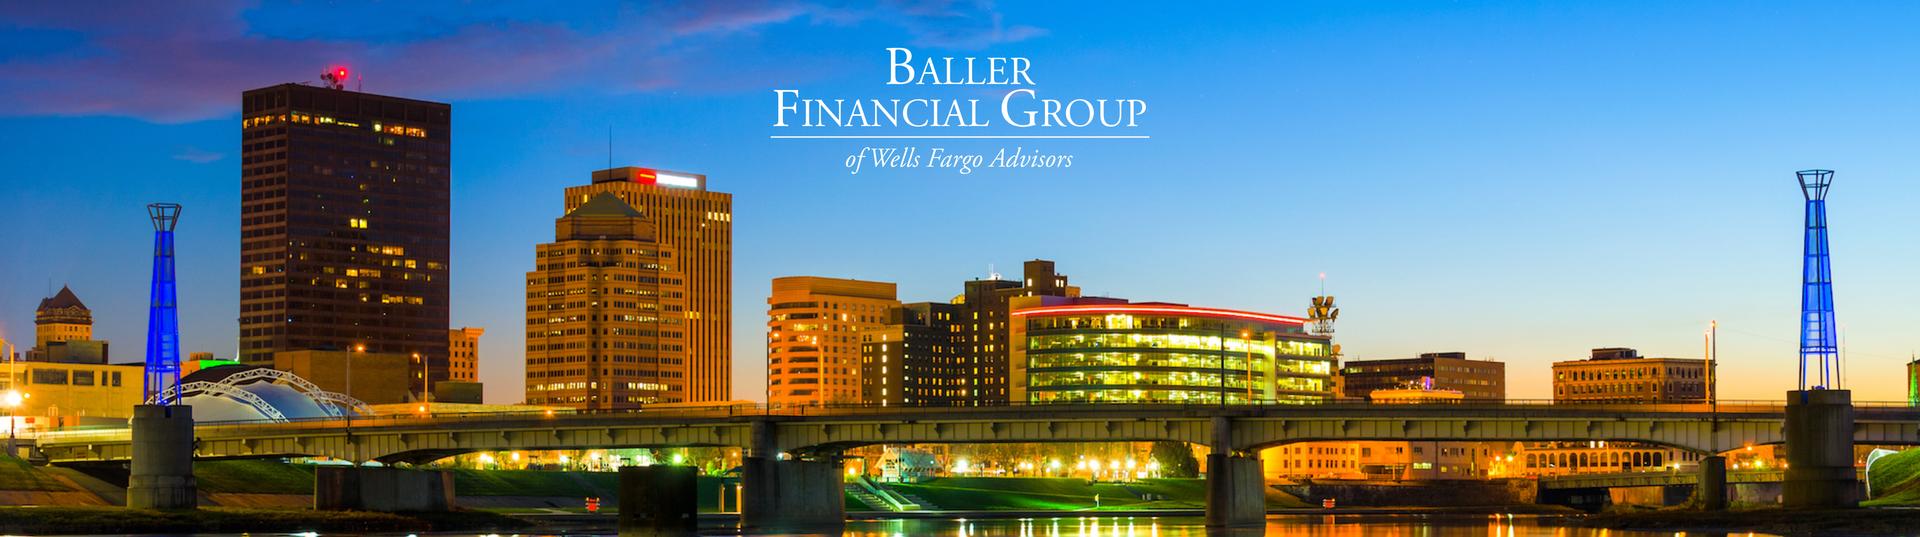 Baller Financial Group of Wells Fargo Advisors